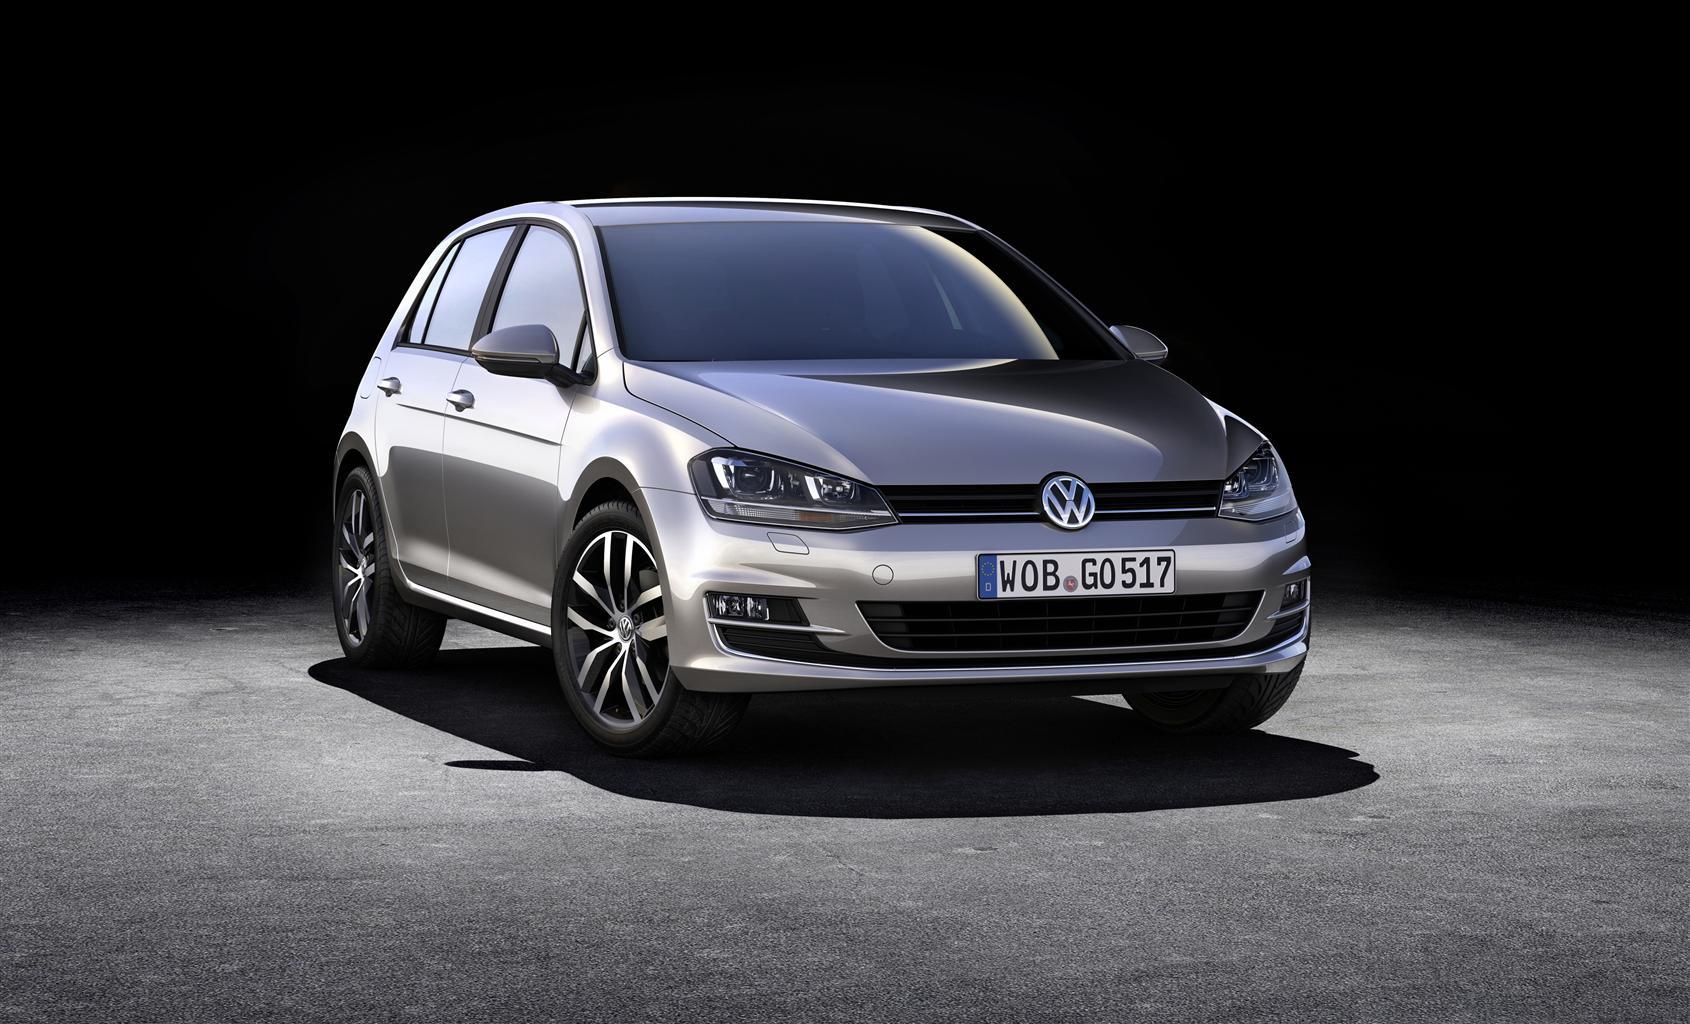 Volkswagen Golf 7: confronto con le sue rivali [FOTO]